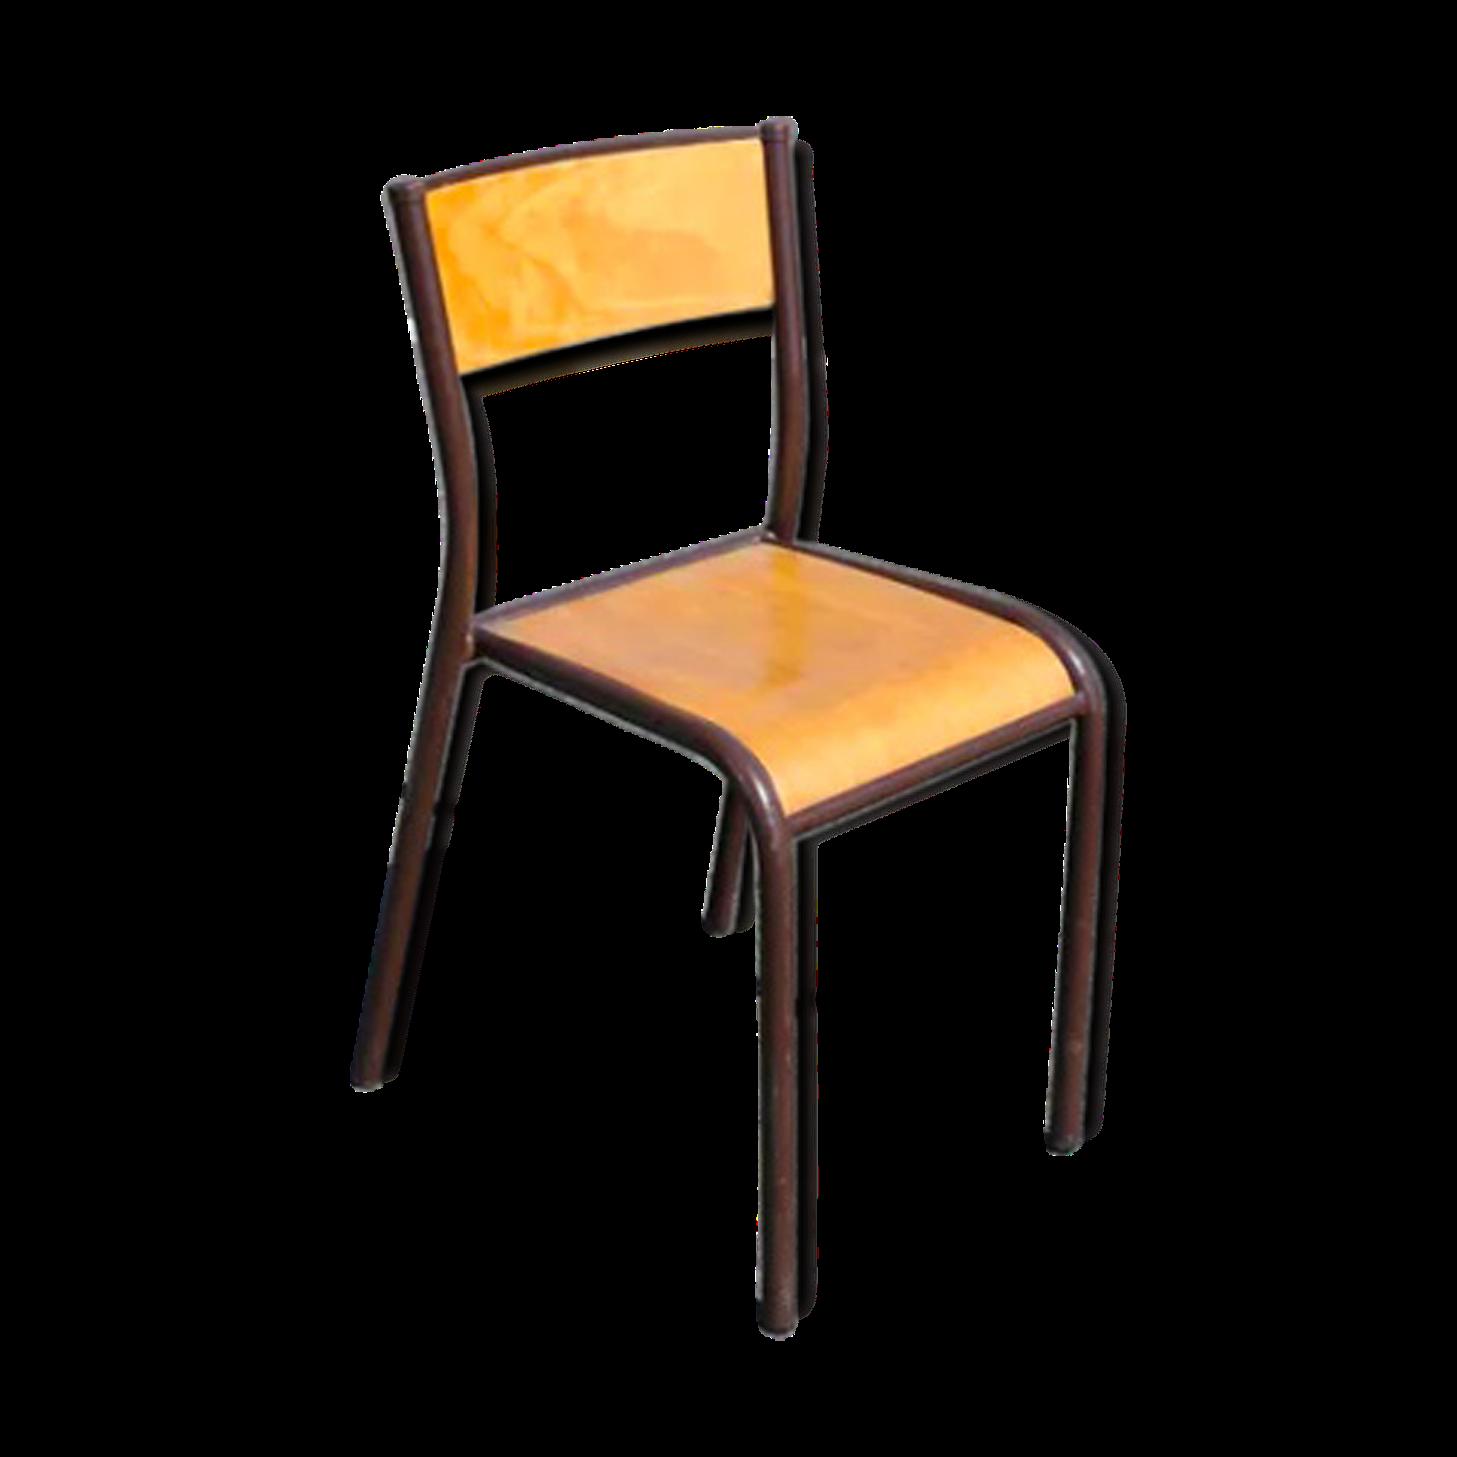 Chaise D École Mullca chaise d'école mullca en bois | chaise, chaises bois, bois